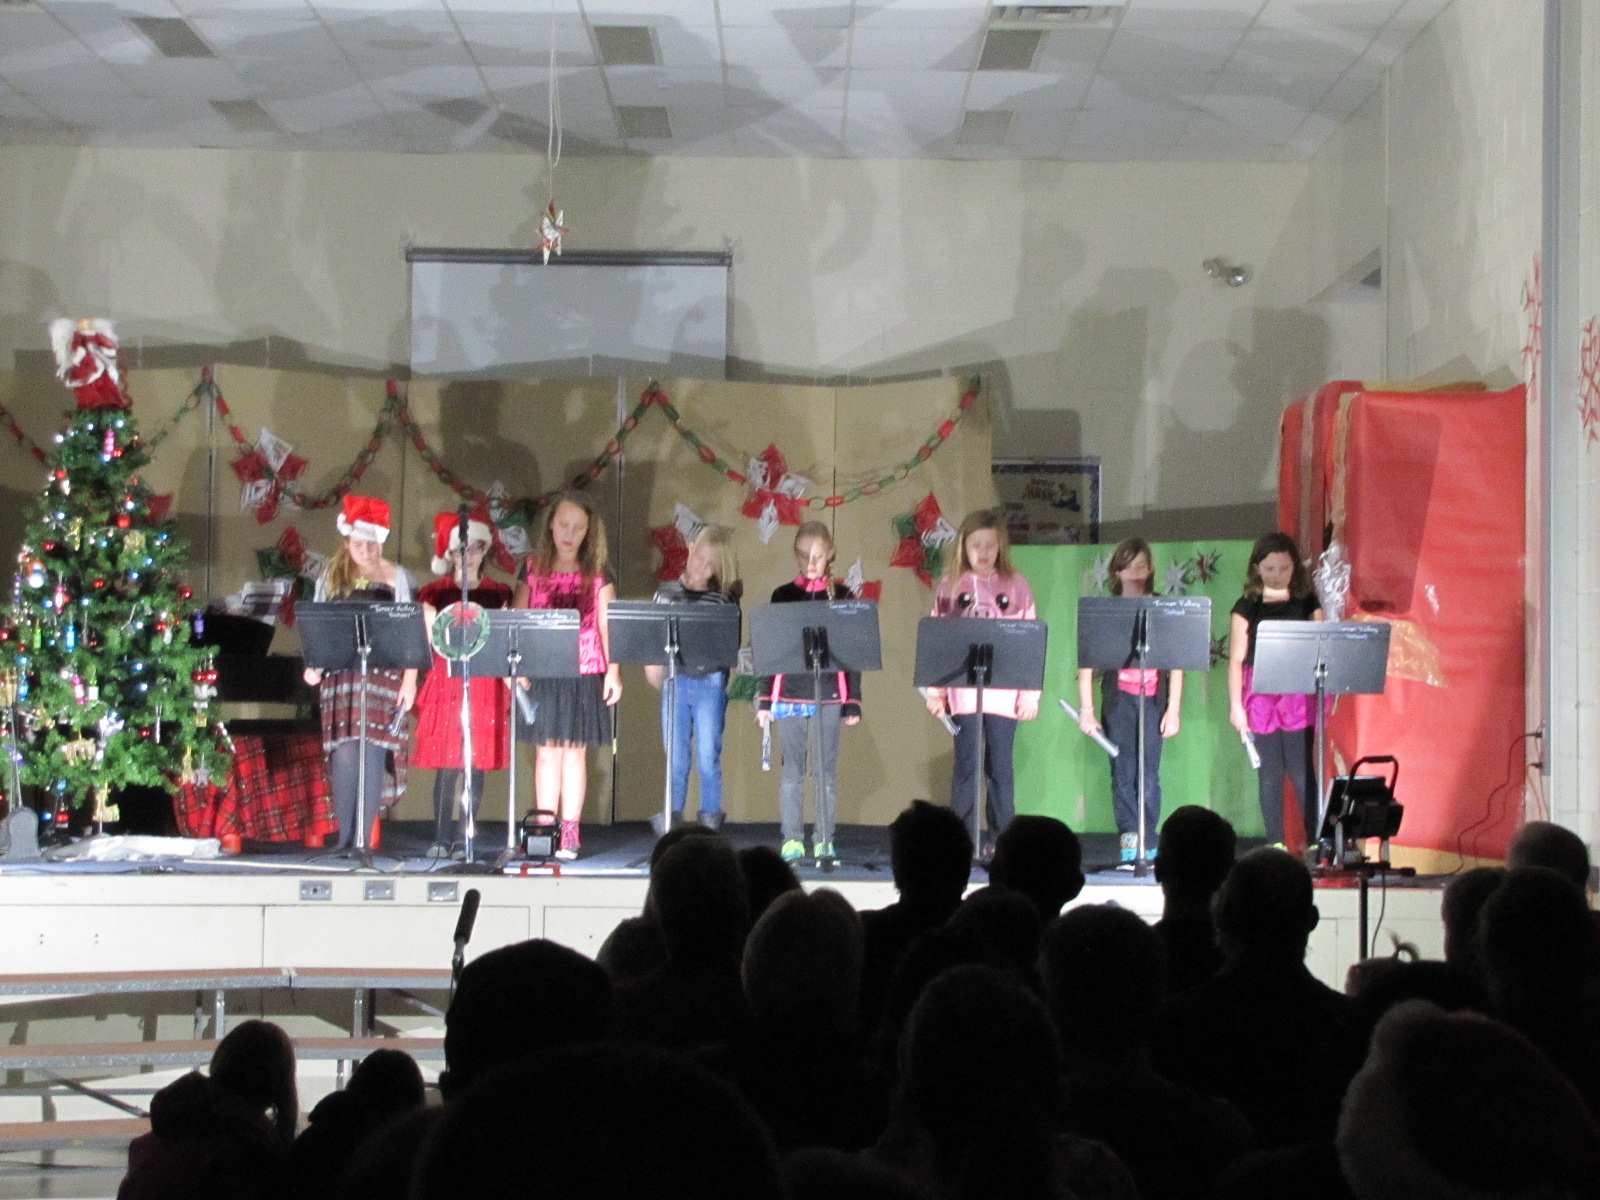 2014-12-17 TV School Christmas Concert 003